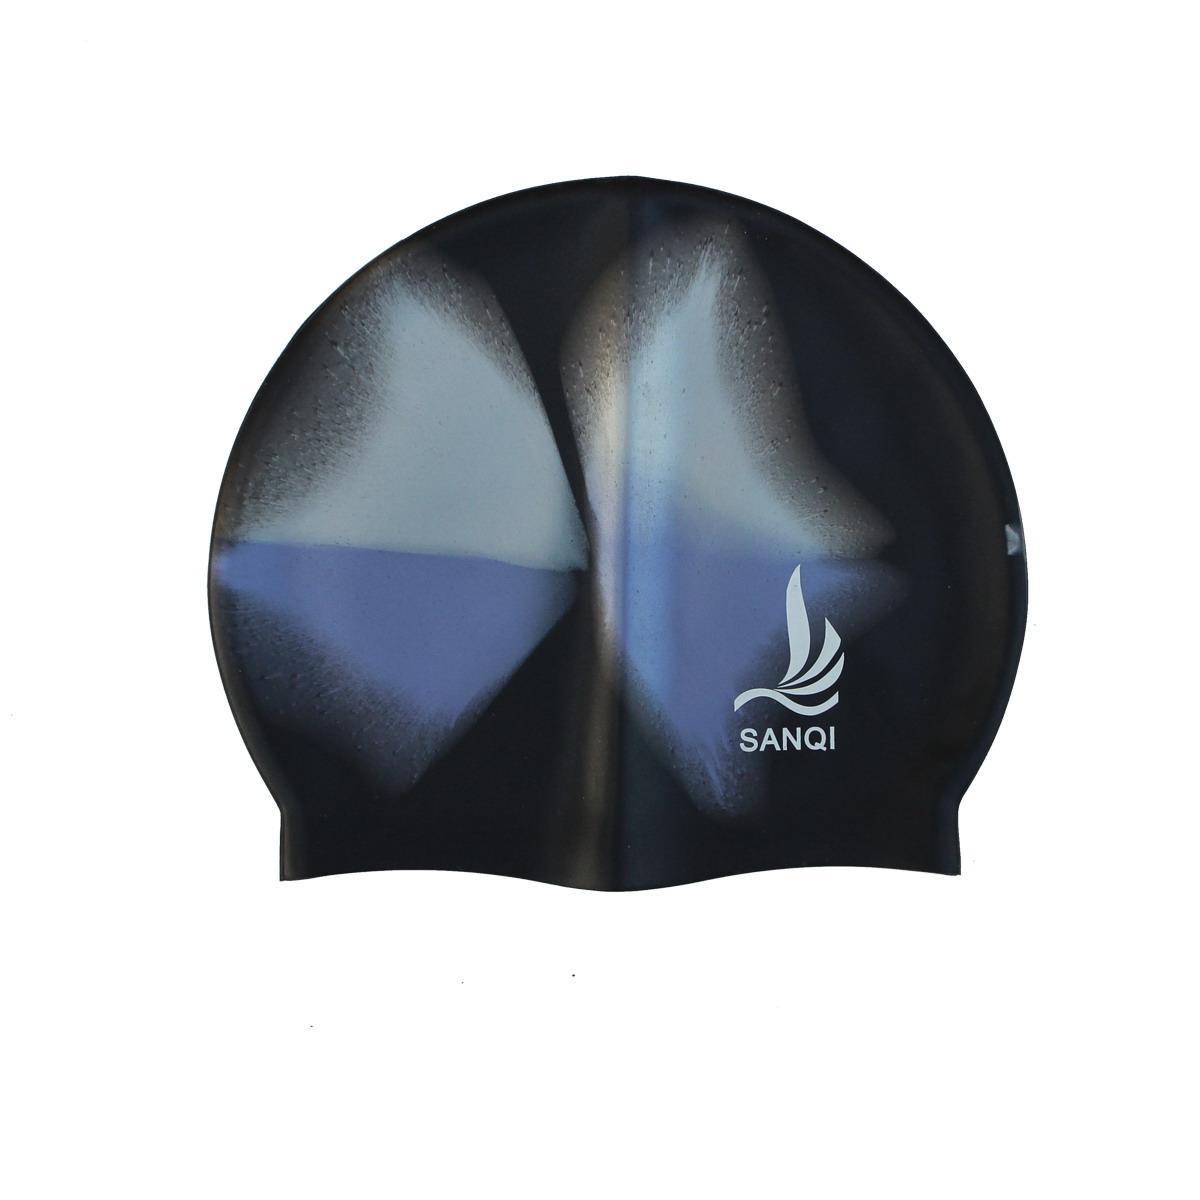 泳帽 三奇实用硅胶游泳帽 防滑防水男女通用多色